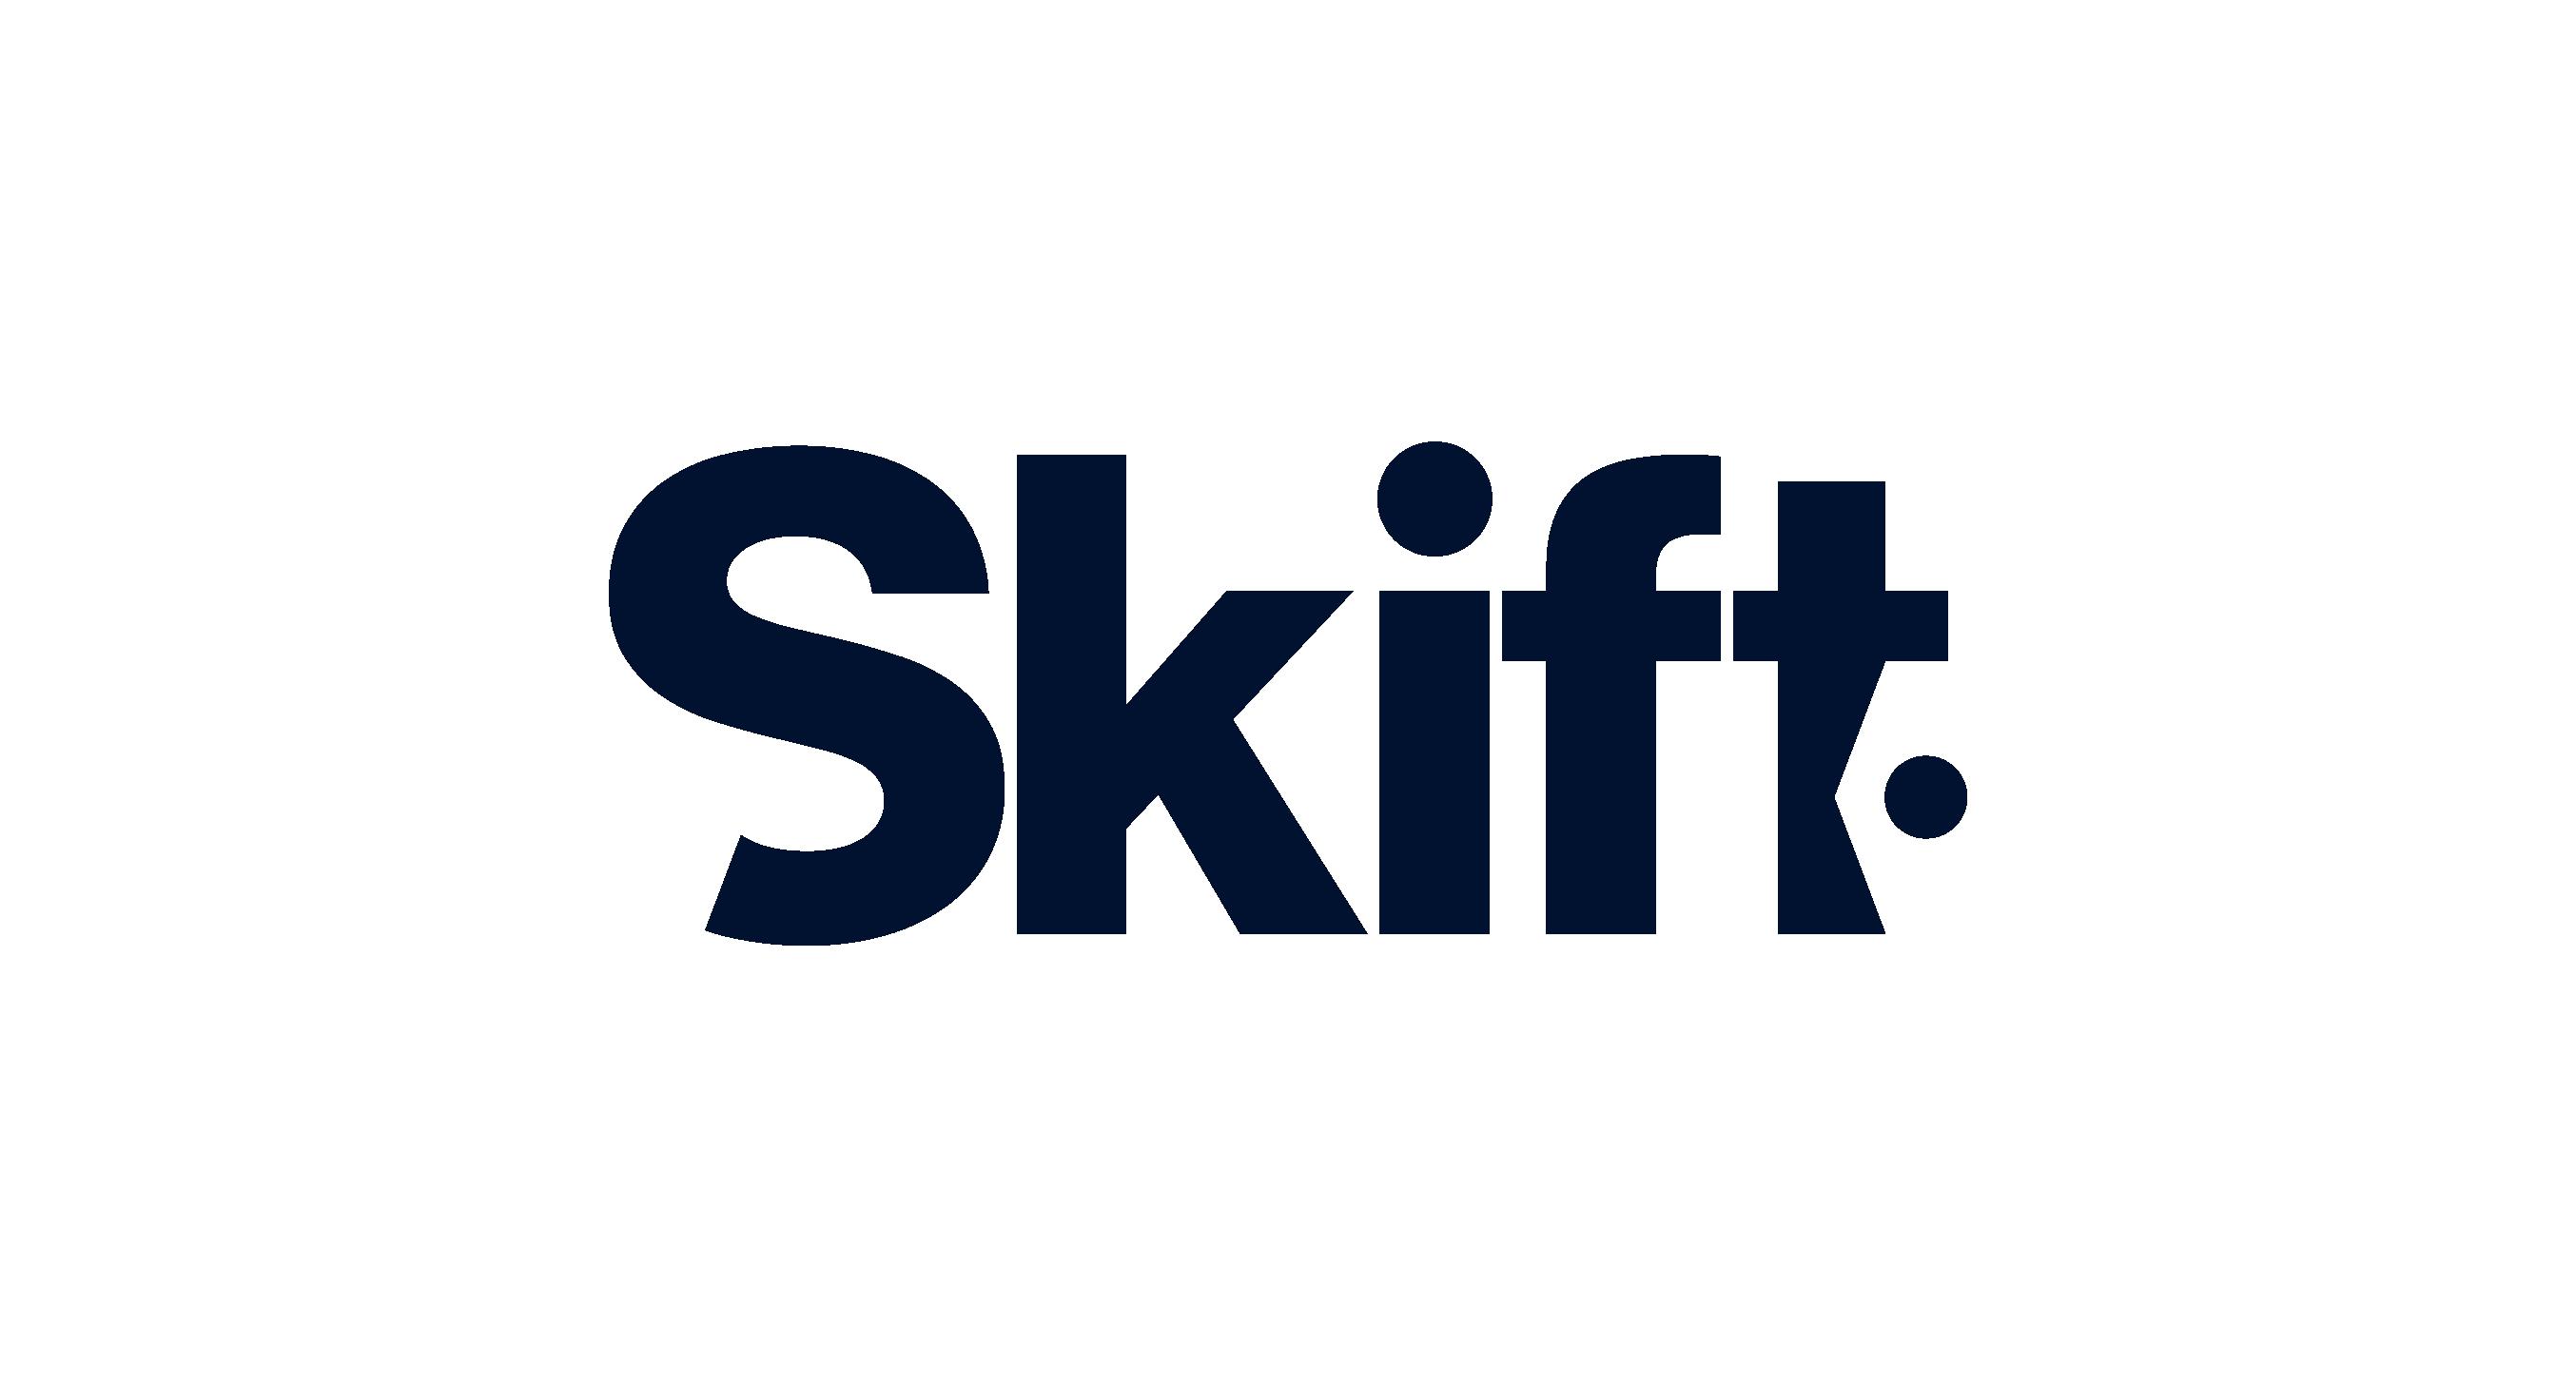 Skift logo in conichi blue